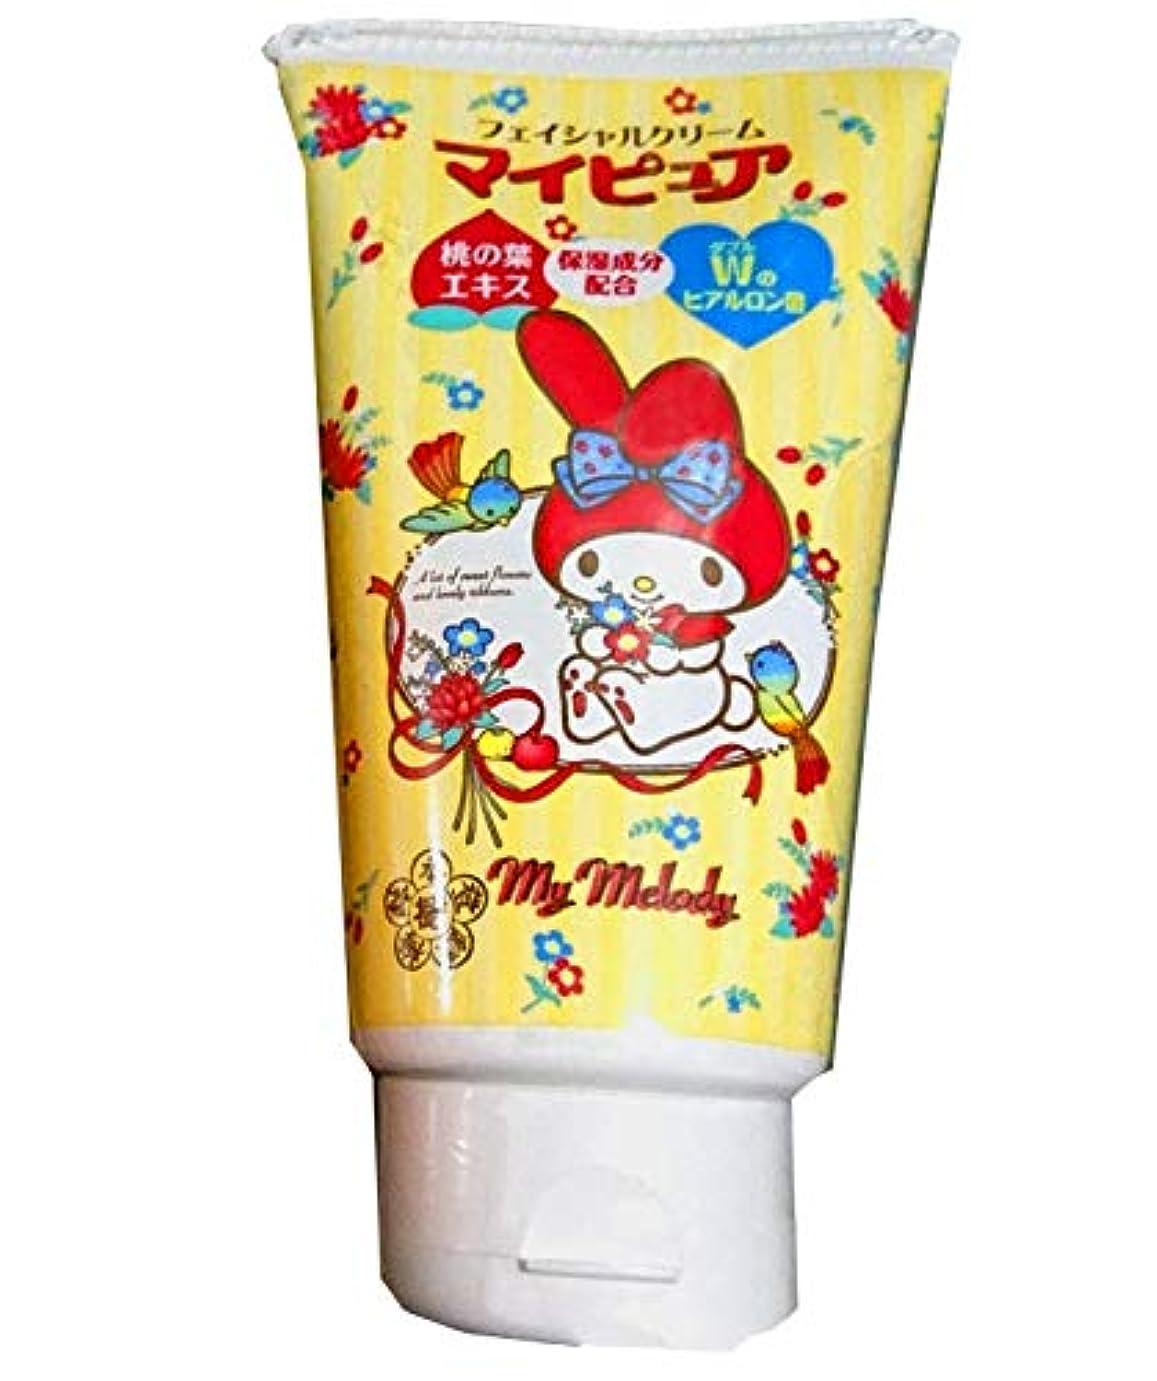 とても解明ワイプ【とっても可愛いサンリオ?限定品!】マイピュア フェイシャルクリーム 100g